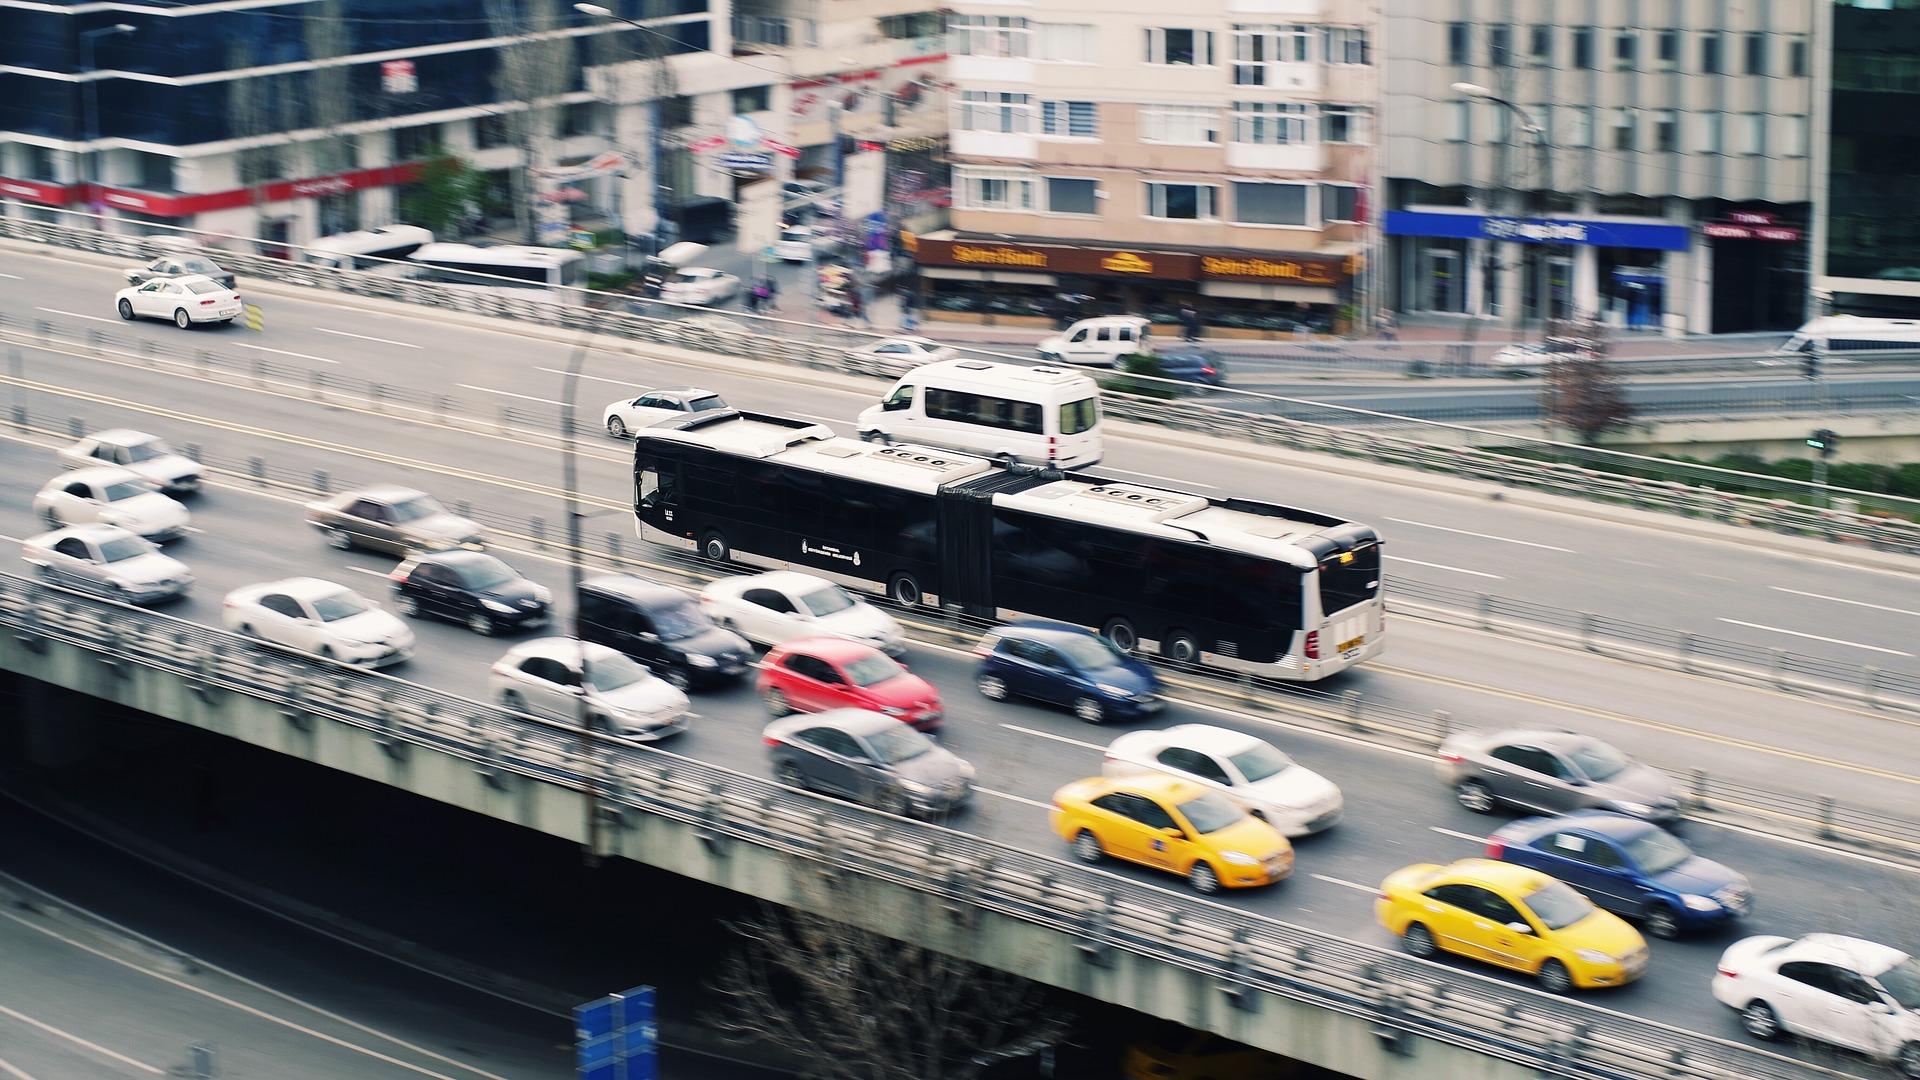 Stau auf einer Stadtautobahn